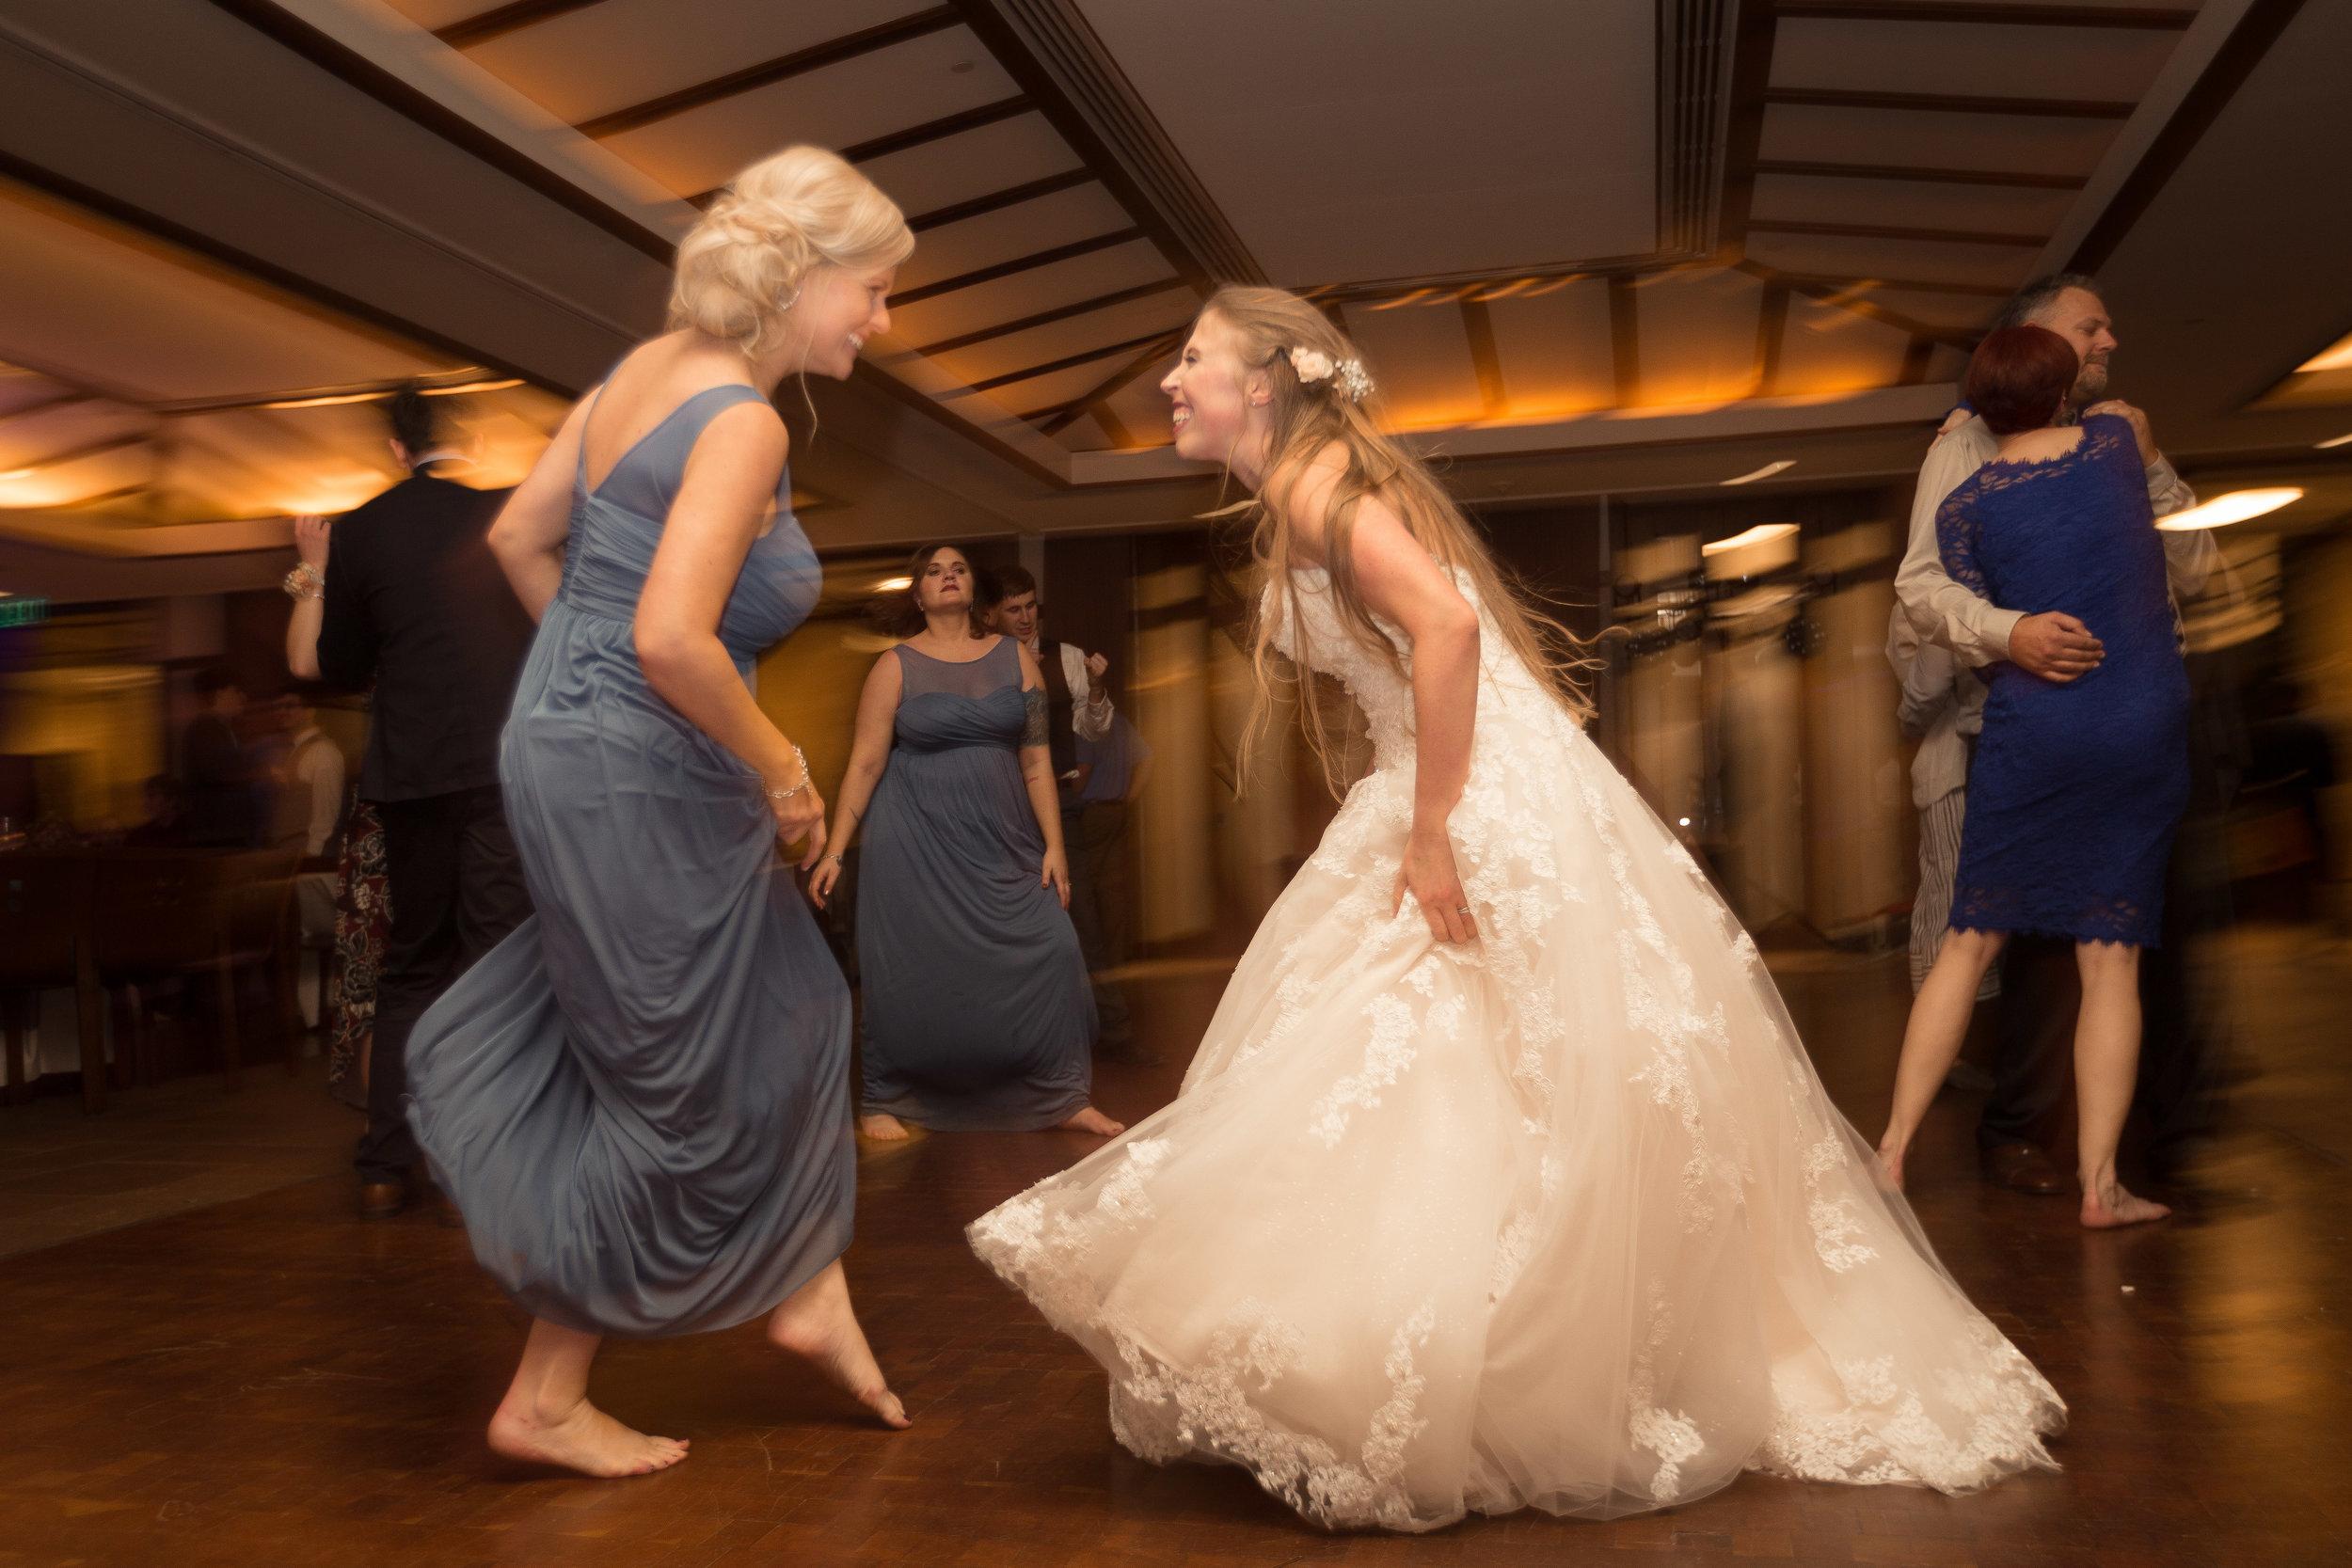 C_Wedding_Spellman, Megan & Tyler_10.27.18-2235.JPG